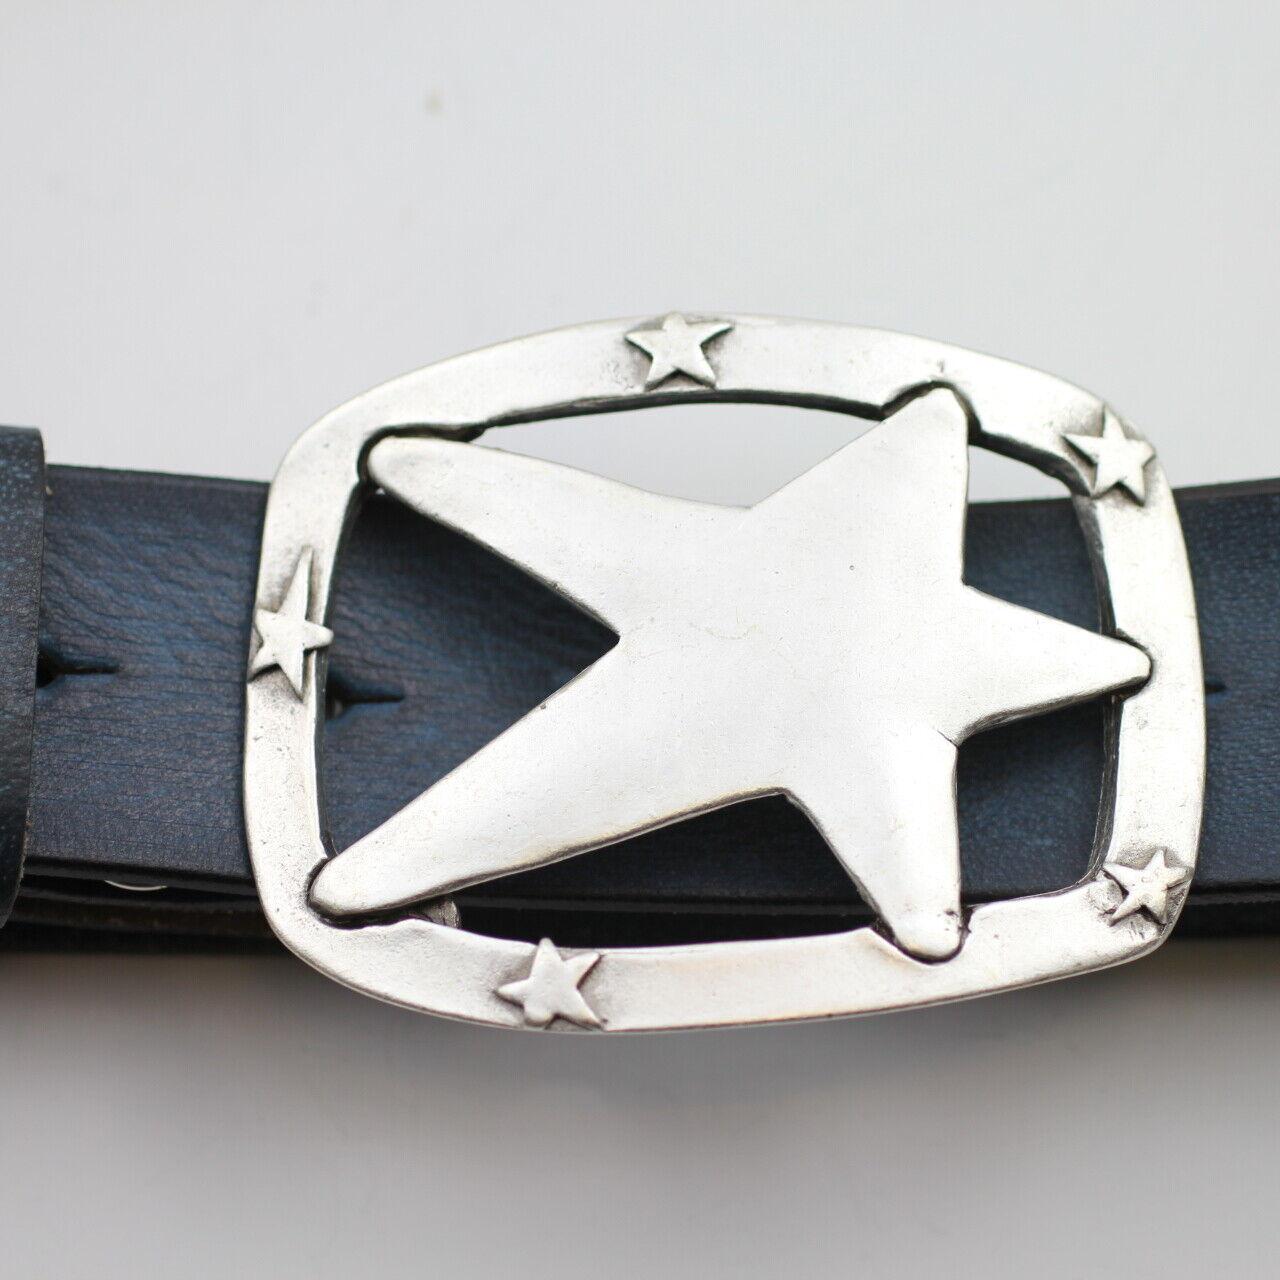 Gürtelschnalle Stern Wechselschließe mit Stern für Ledergürtel Buckle gs210